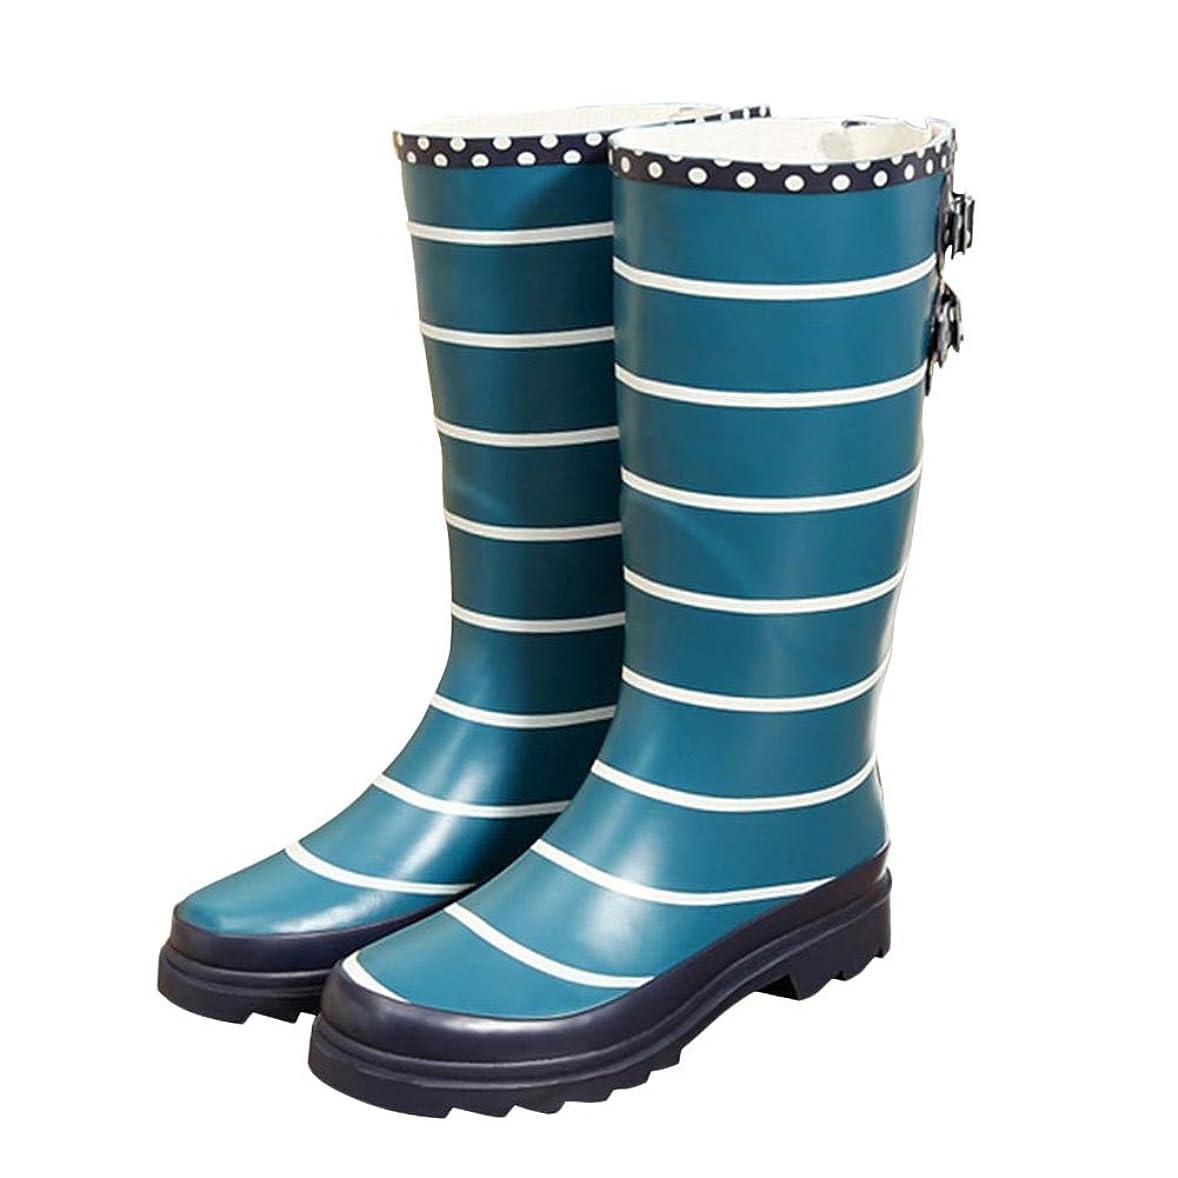 鼻章消毒剤[Cozy Maker] C&M レインブーツ レインシューズ レディース シューズ ブーツ 雨靴 雨の日 梅雨 可愛い 雨対策 防水 撥水 水作業 軽量 おしゃれ 飾りベルト付き